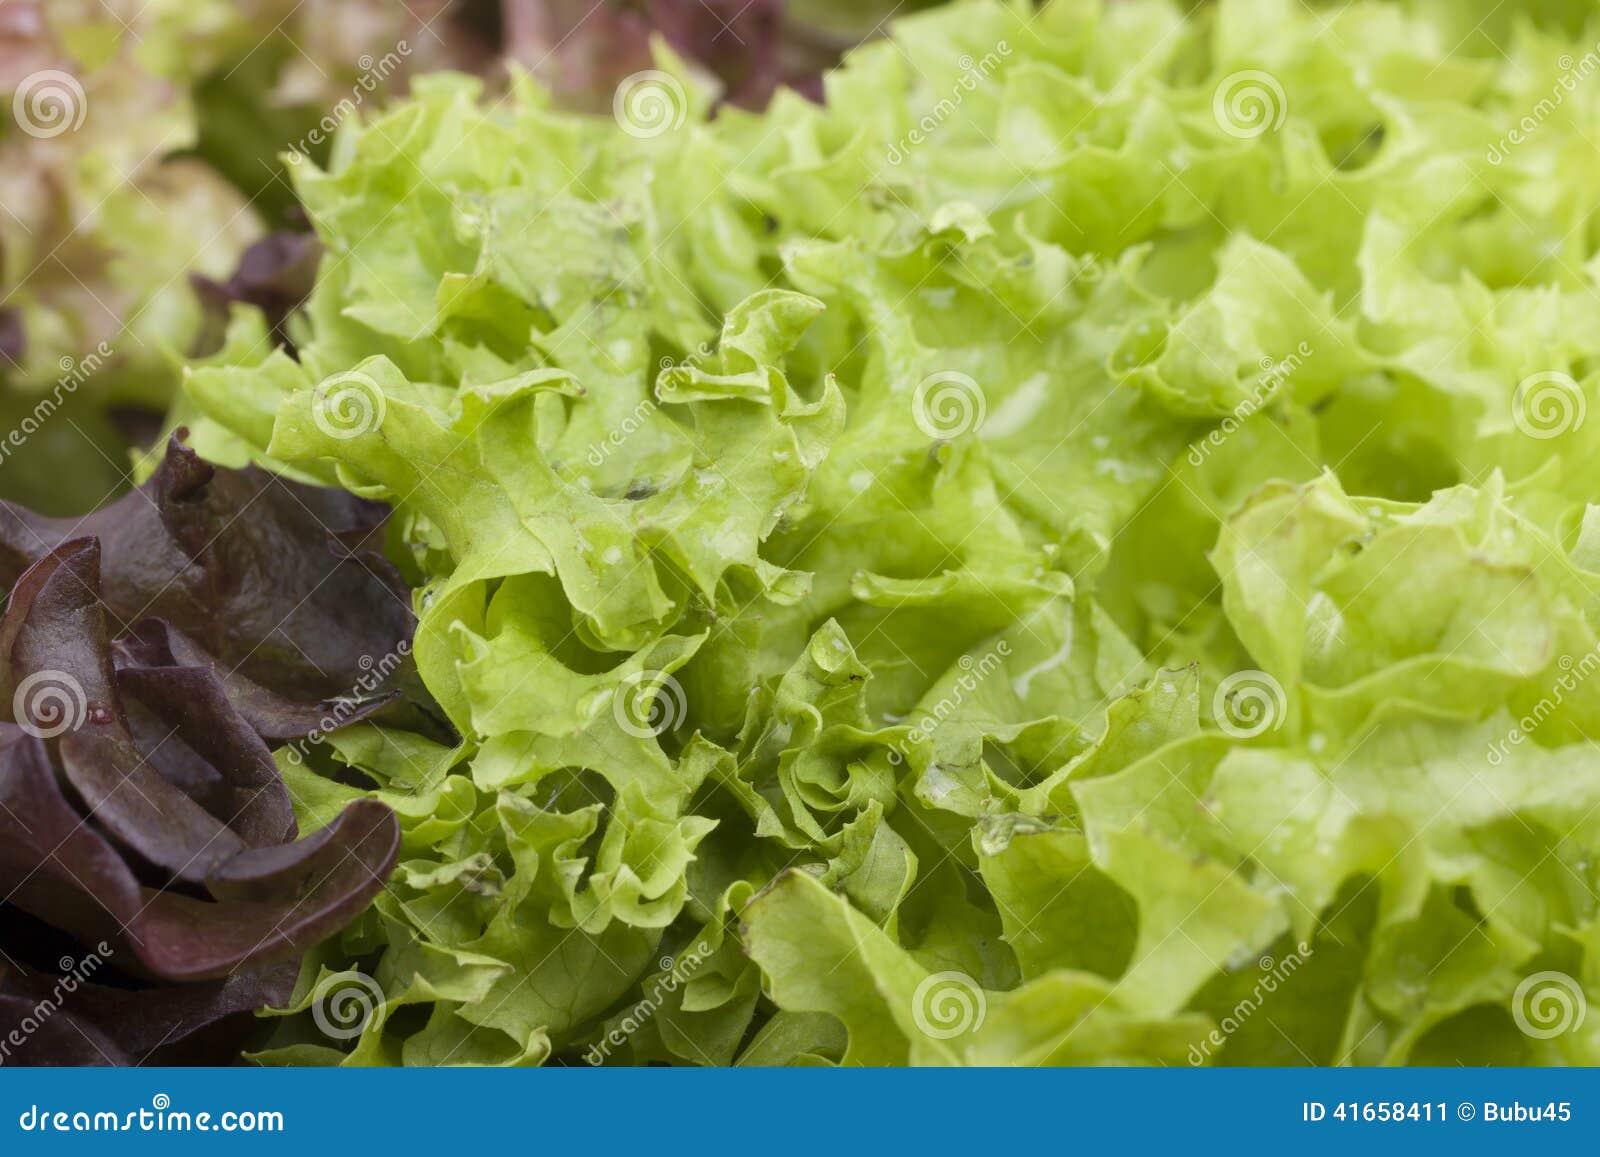 Фото конца-вверх свежих листьев салата